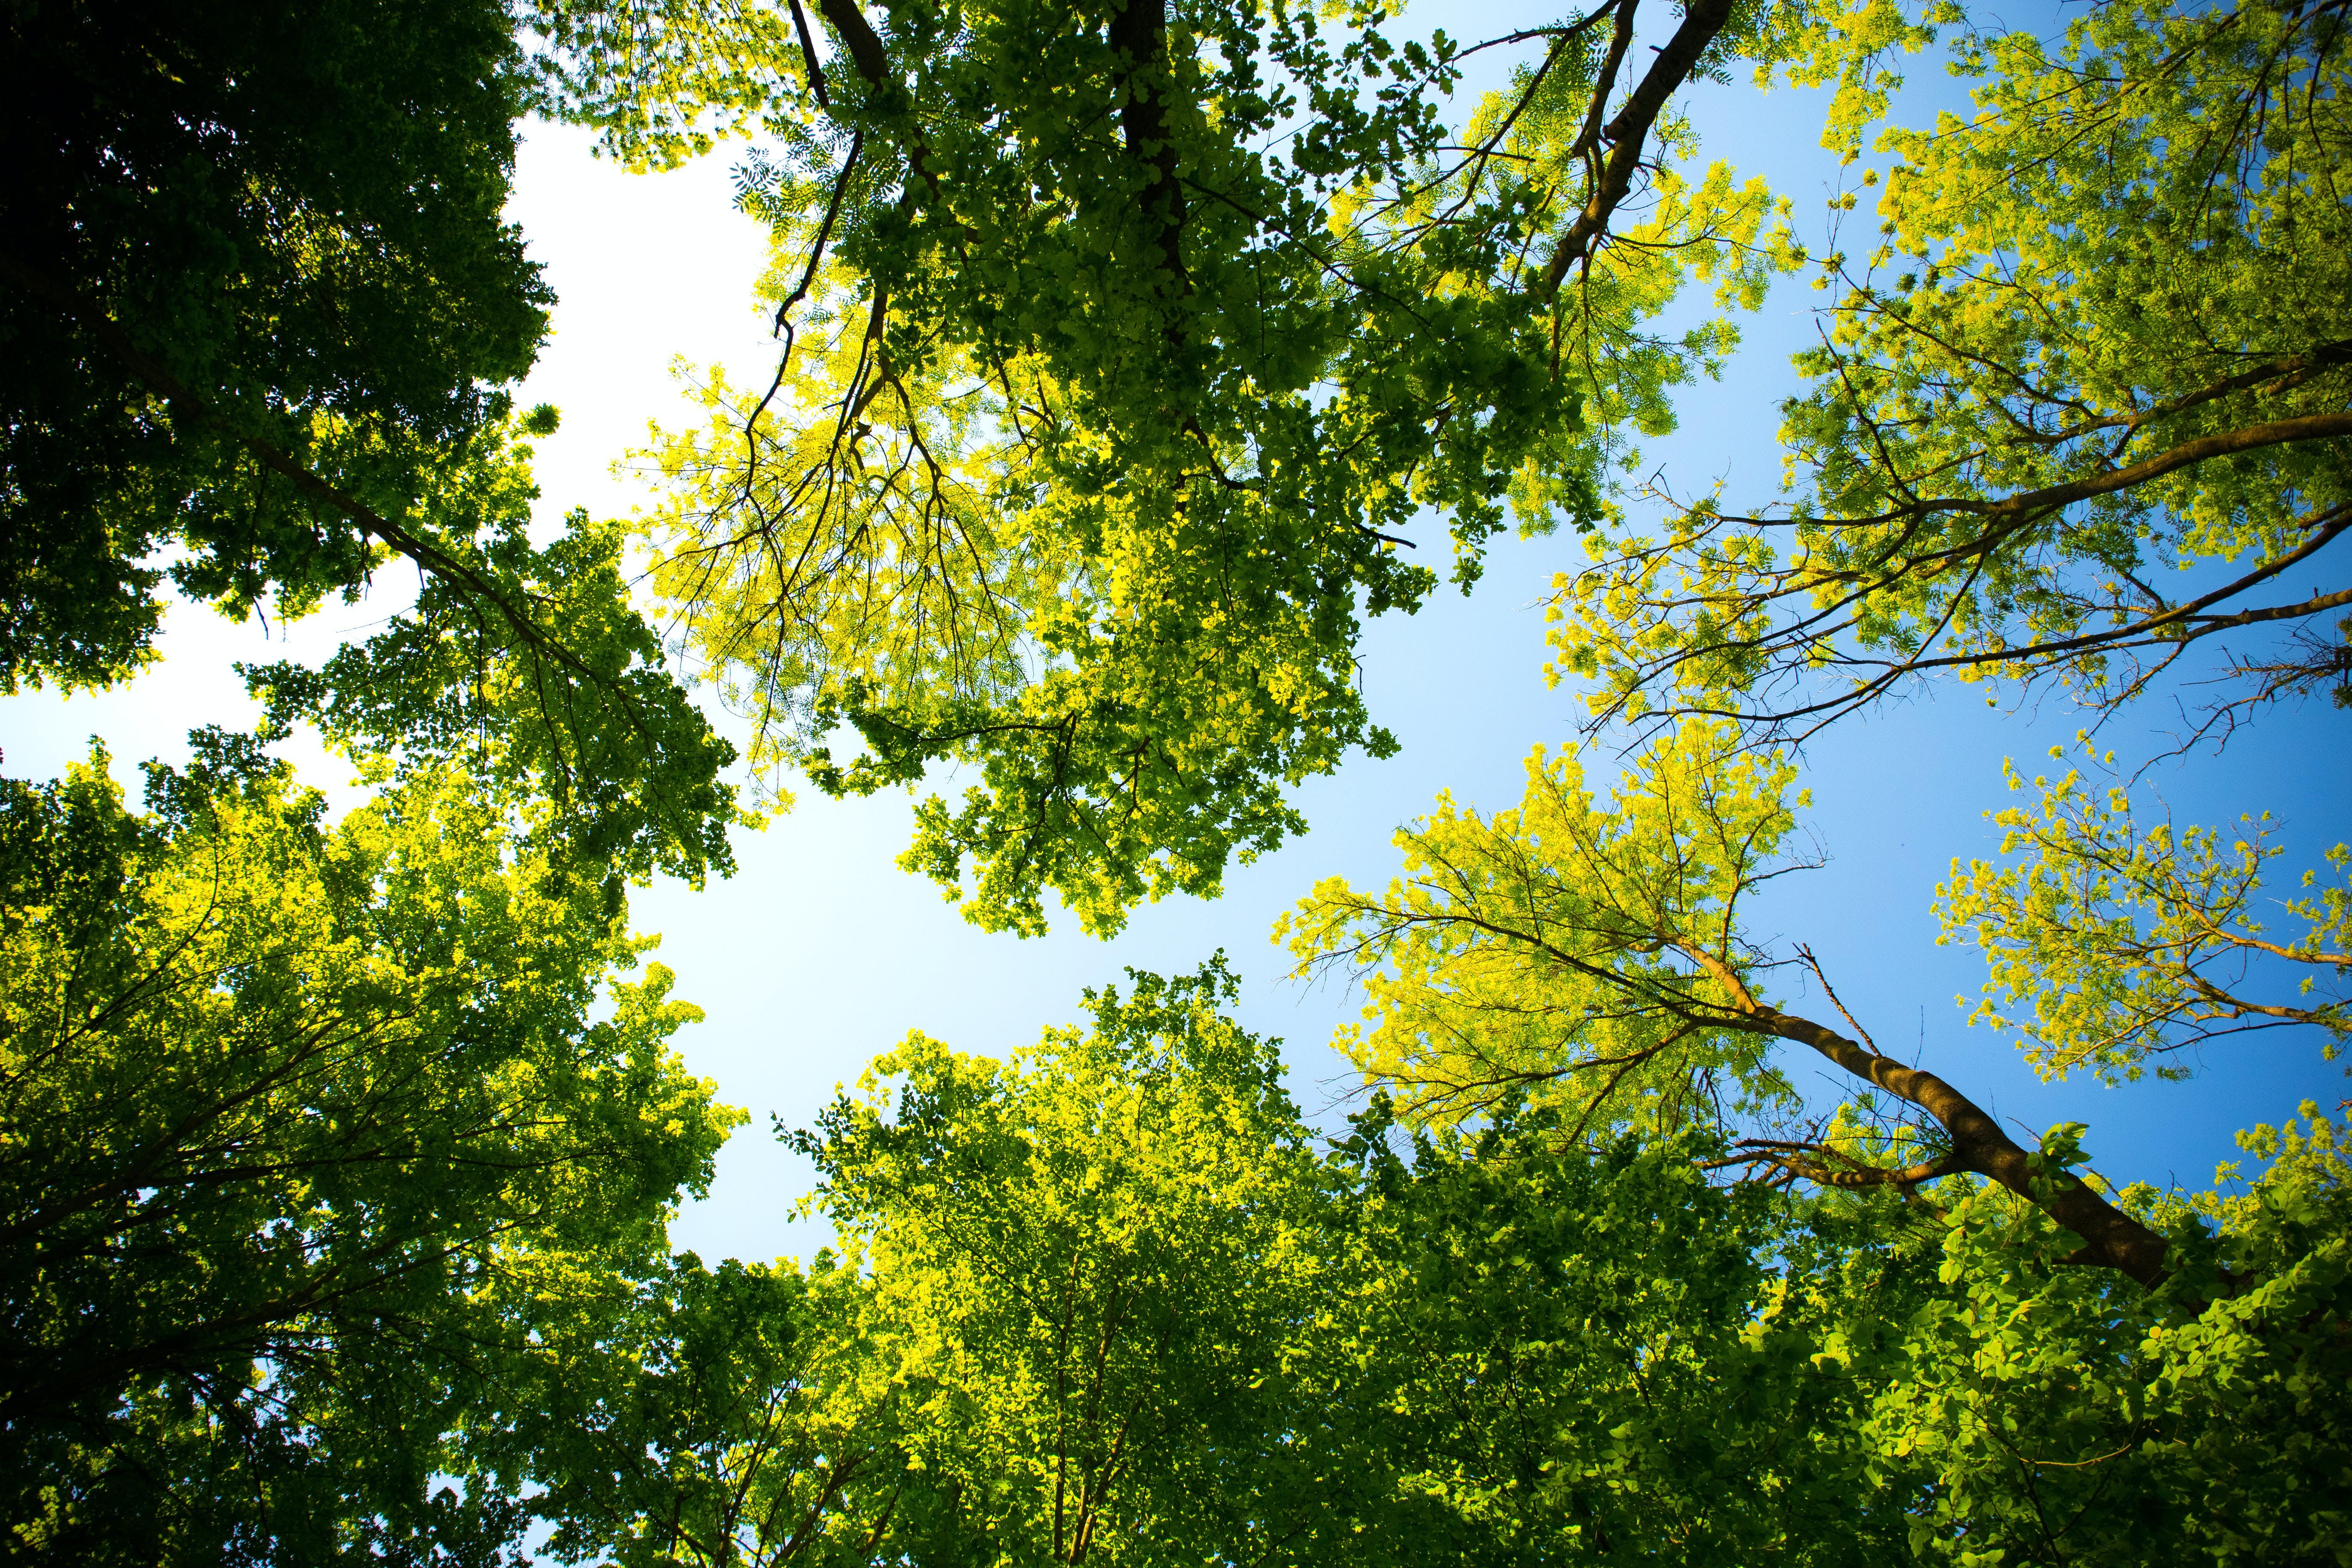 Immagine gratuita di alberi, boschi, foresta, luce del giorno